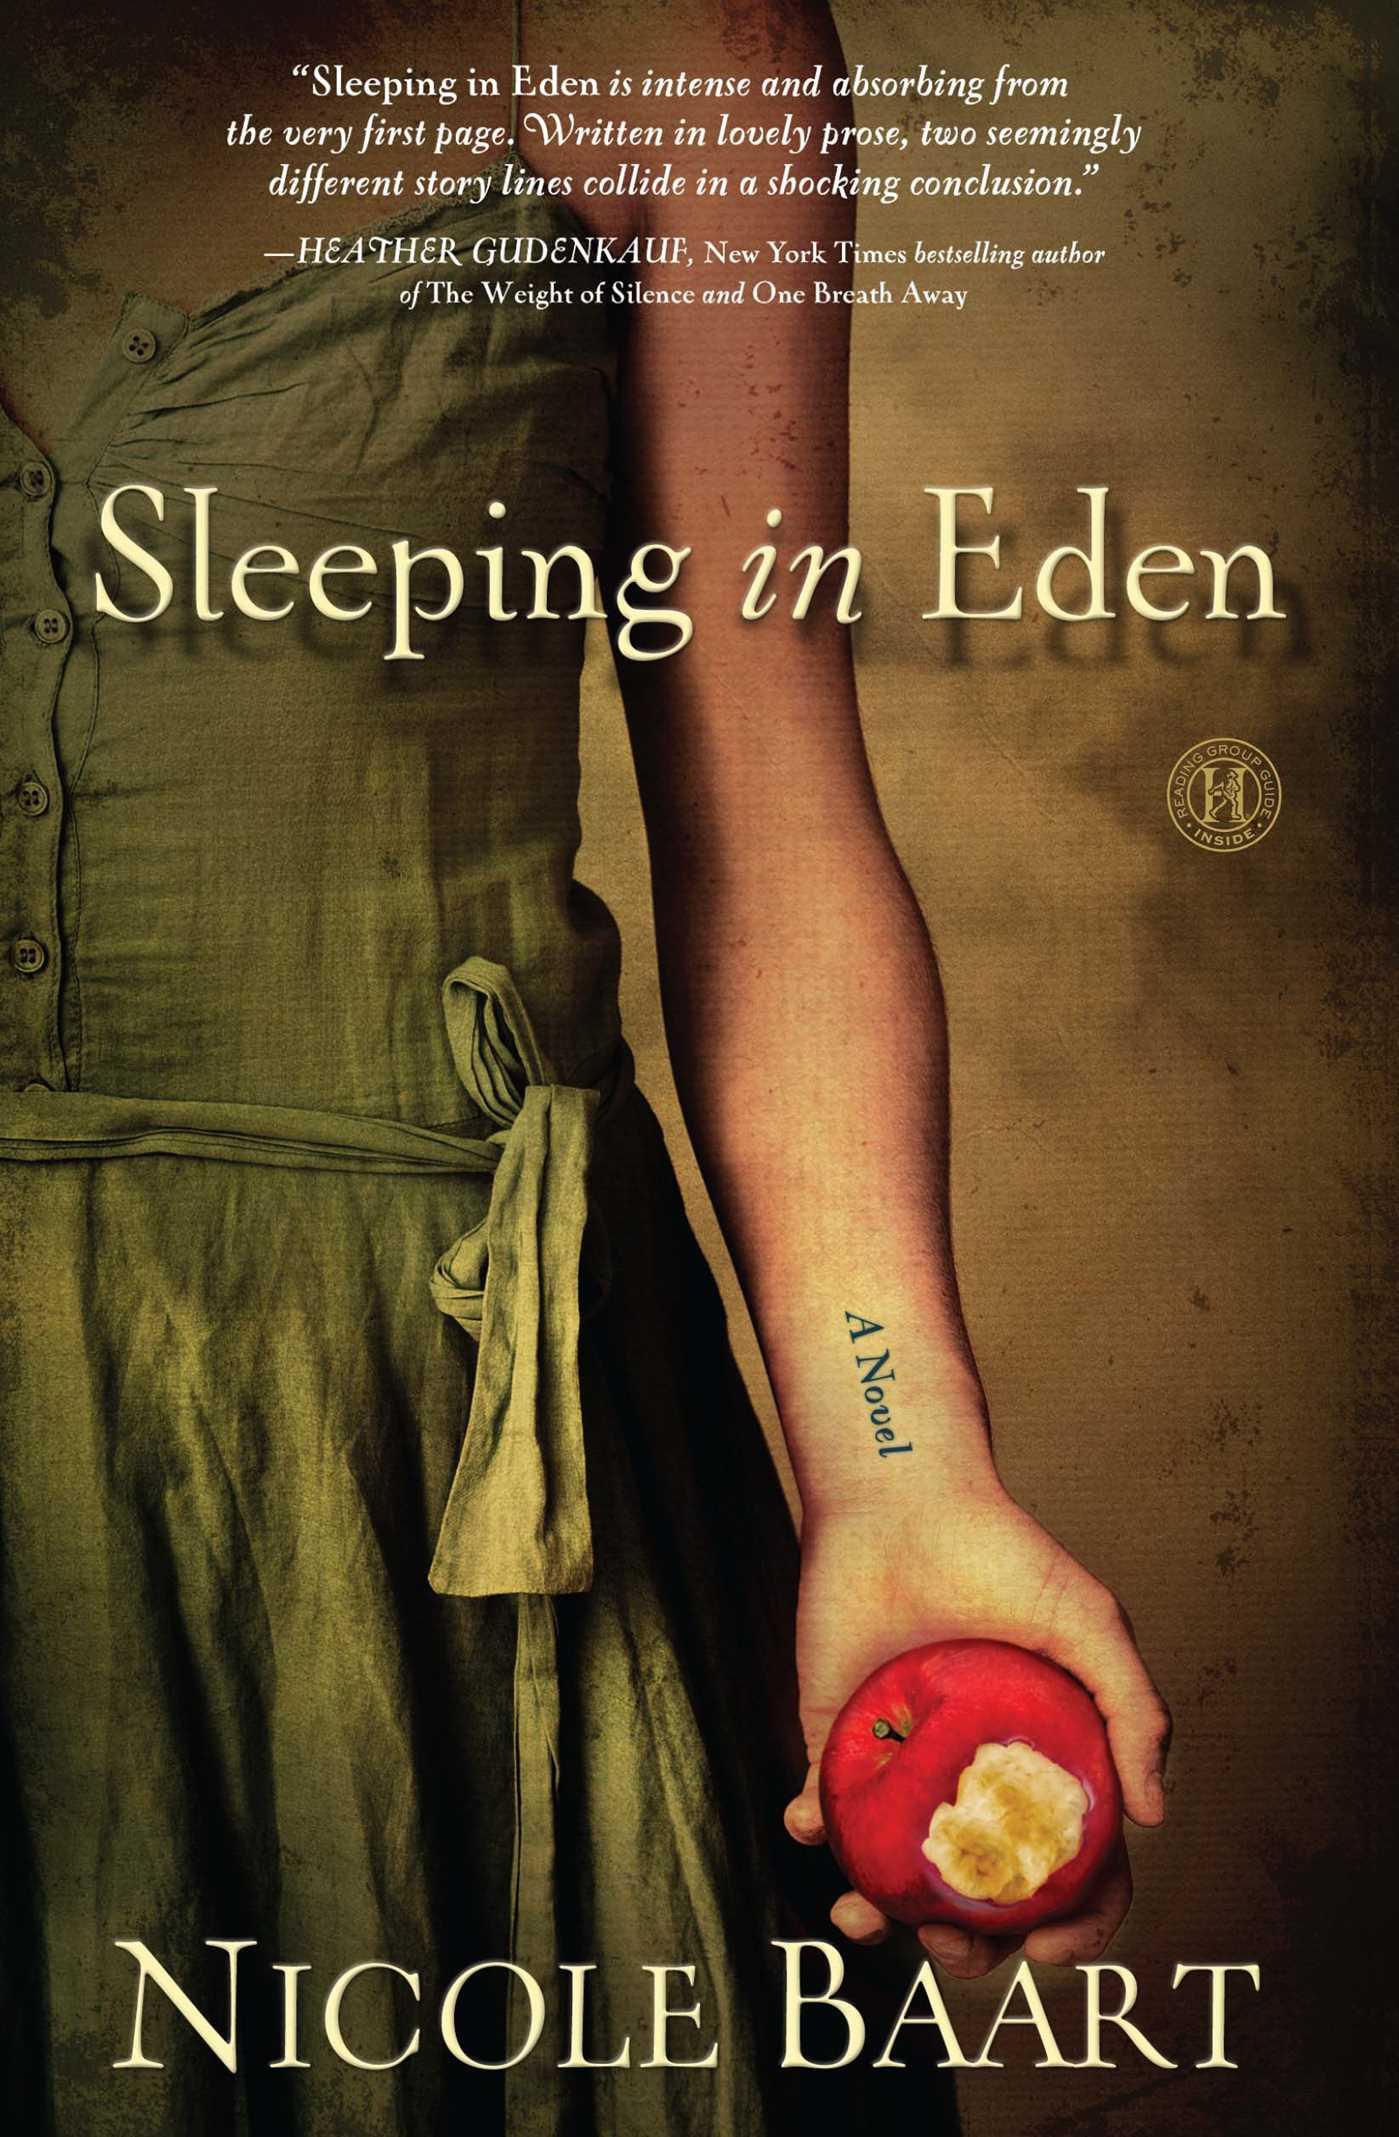 Sleeping in eden 9781439197363 hr